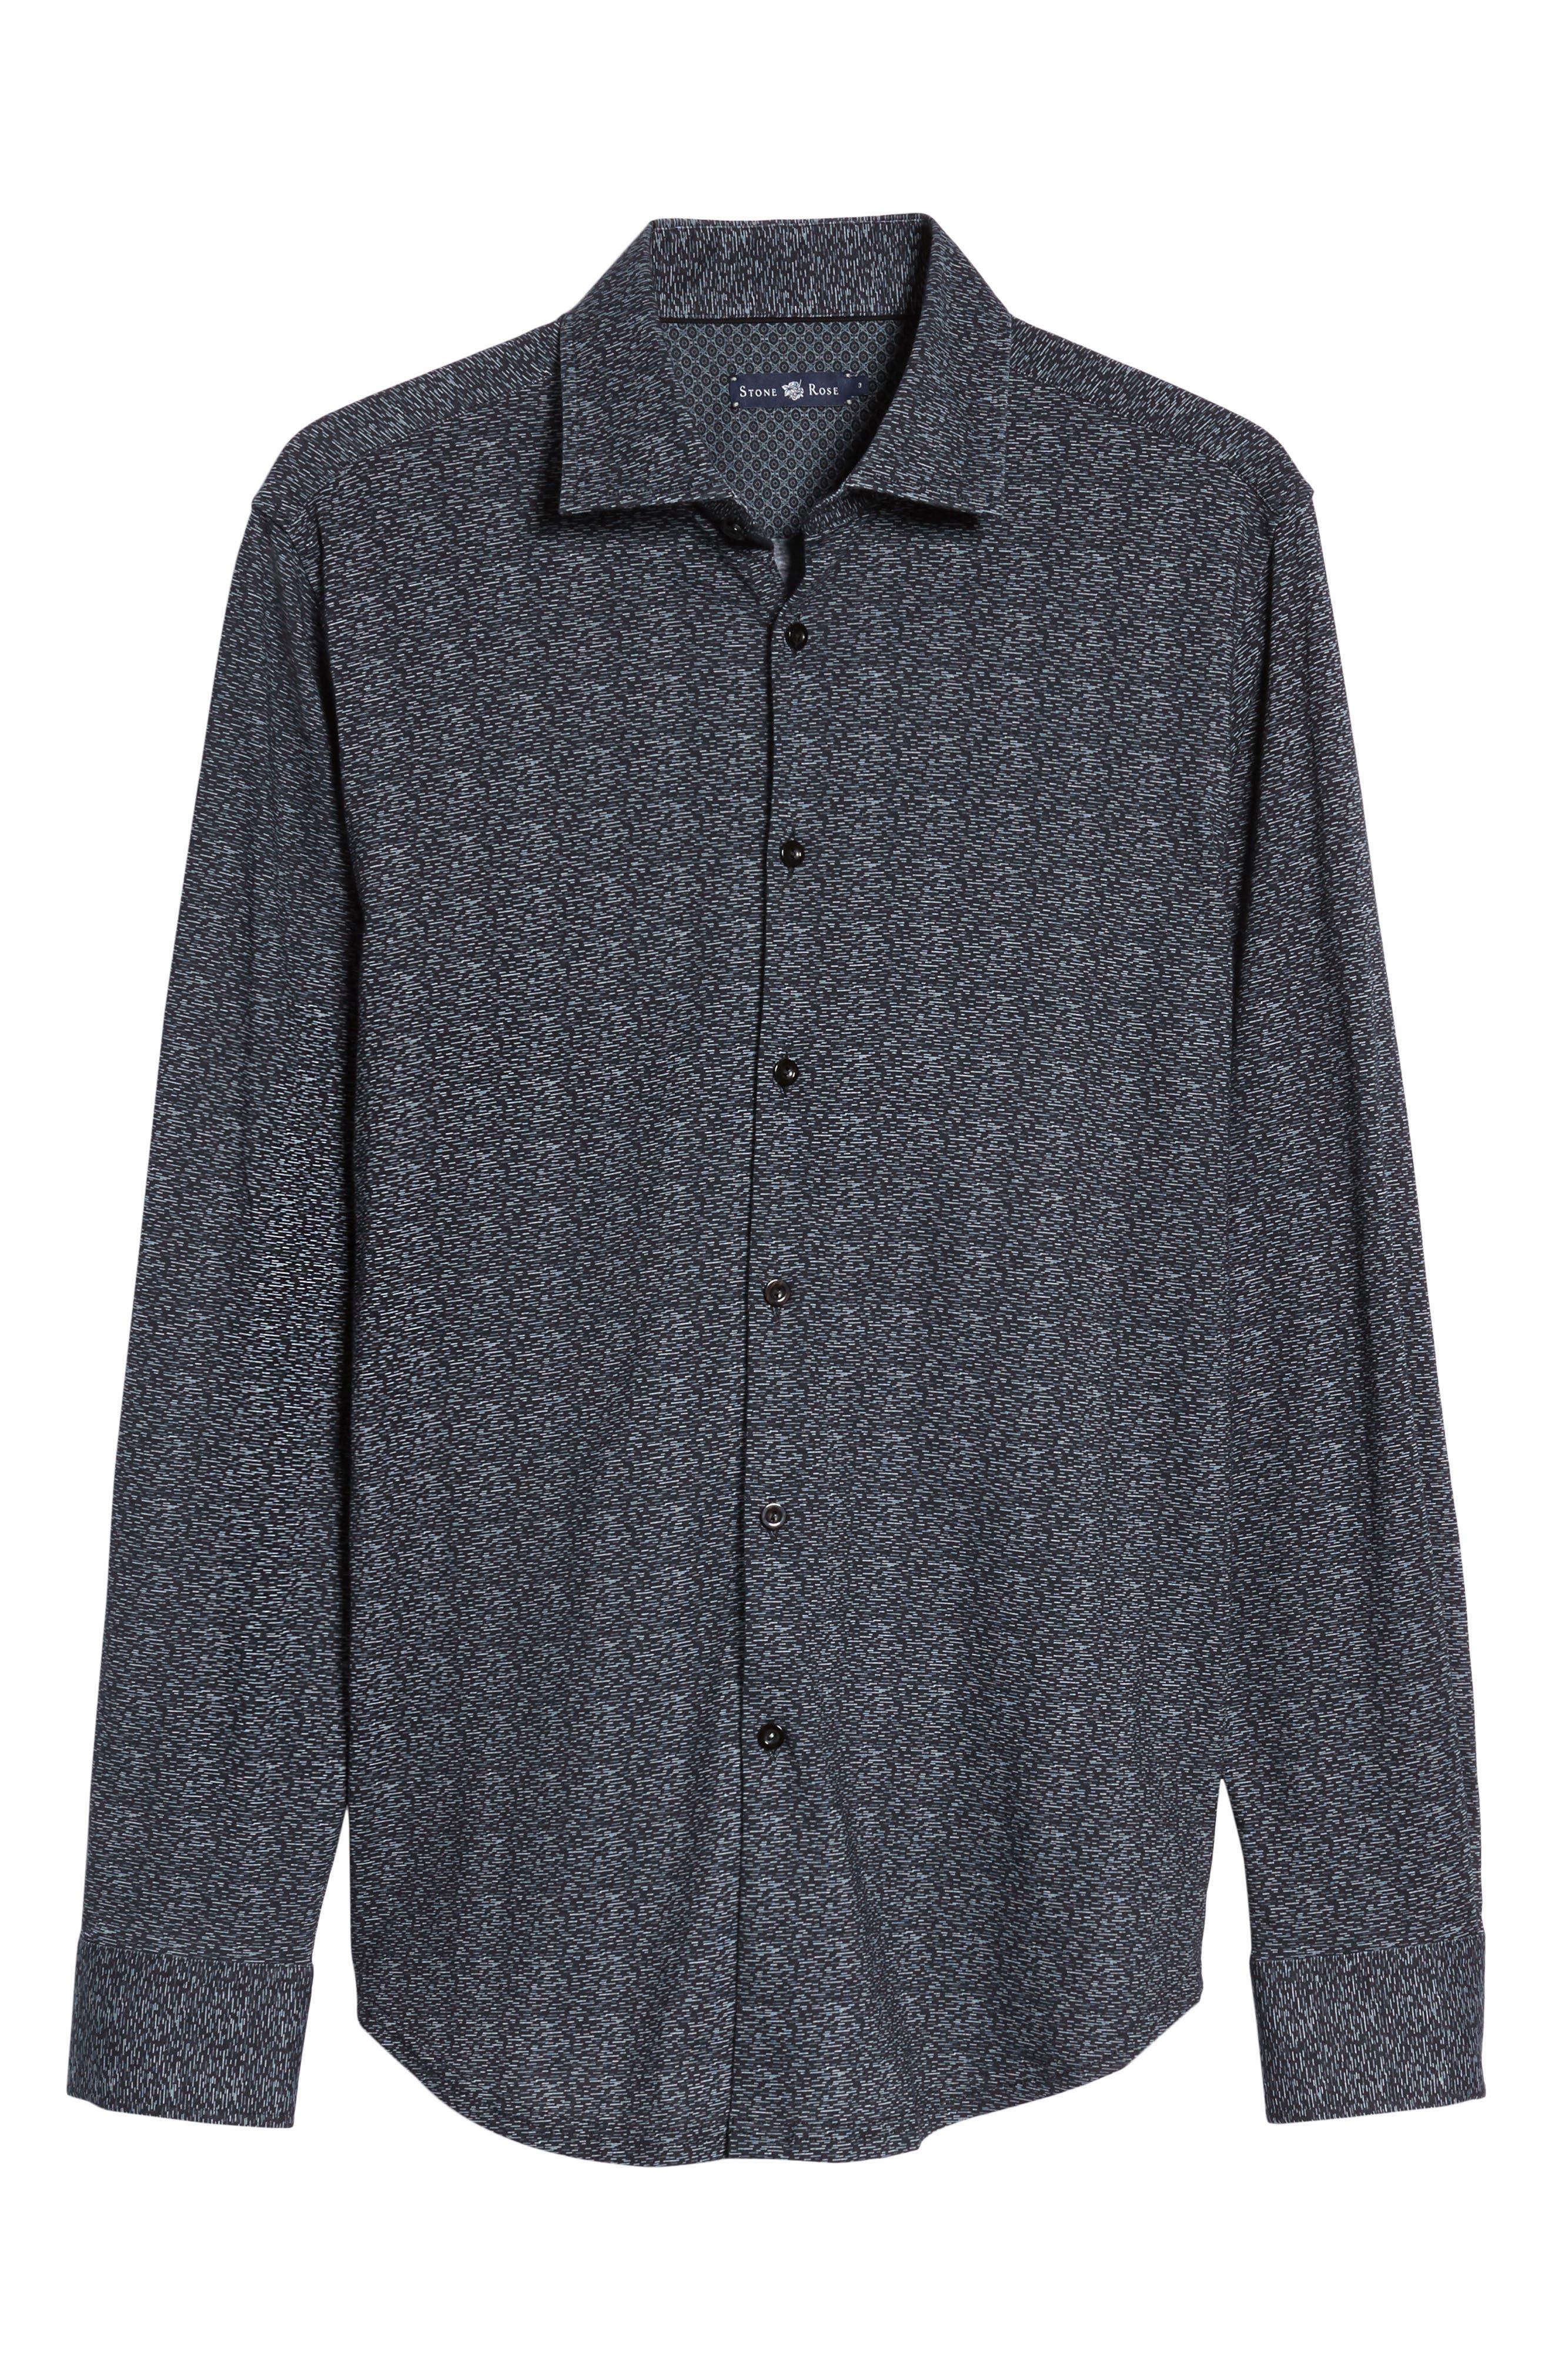 Mélange Knit Sport Shirt,                             Alternate thumbnail 6, color,                             001